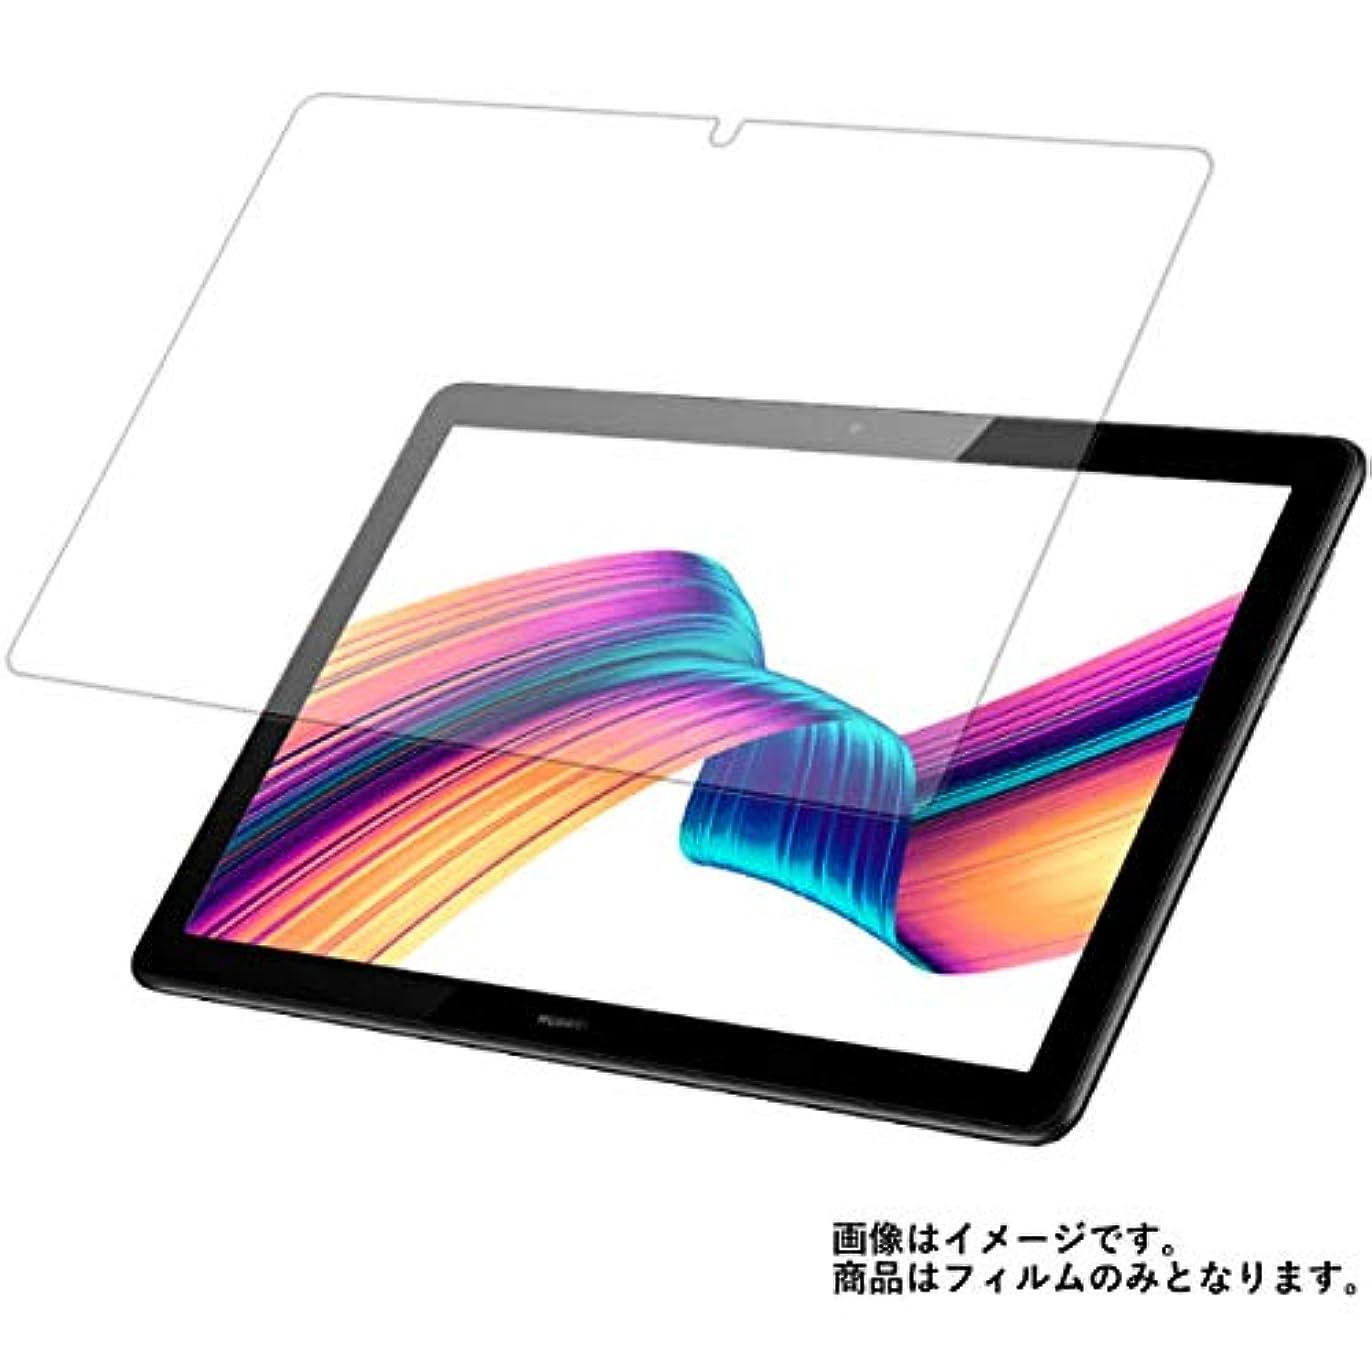 縞模様のうなる指定するHUAWEI MediaPad T5 10 AGS2-W09 10.1インチ用【高硬度9Hアンチグレアタイプ】液晶保護フィルム 反射防止!高硬度9Hフィルム